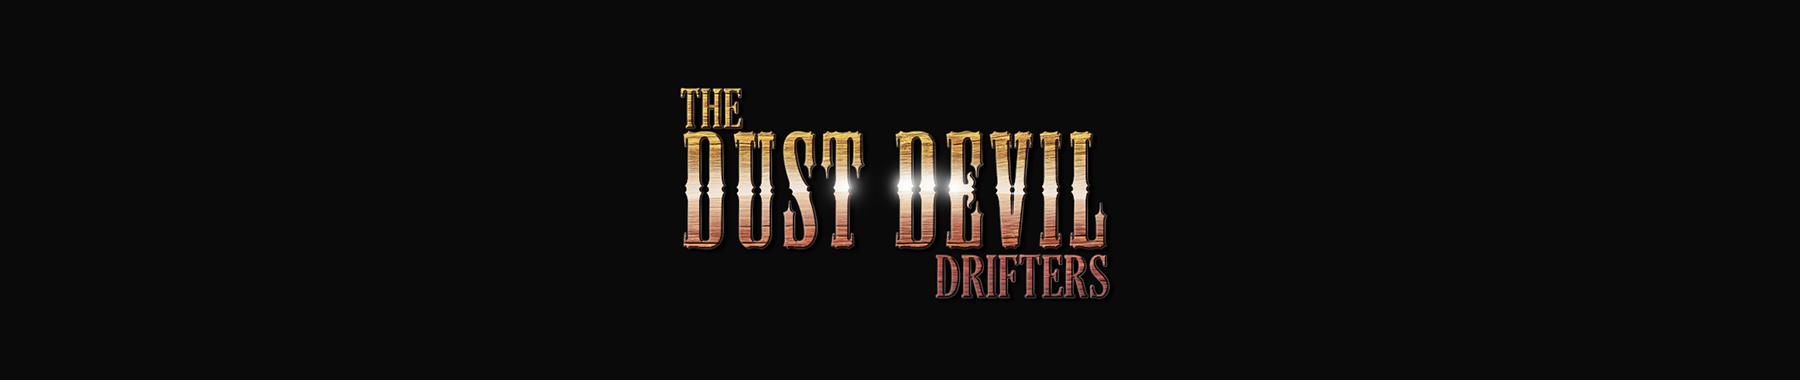 dust devil drifters.jpg